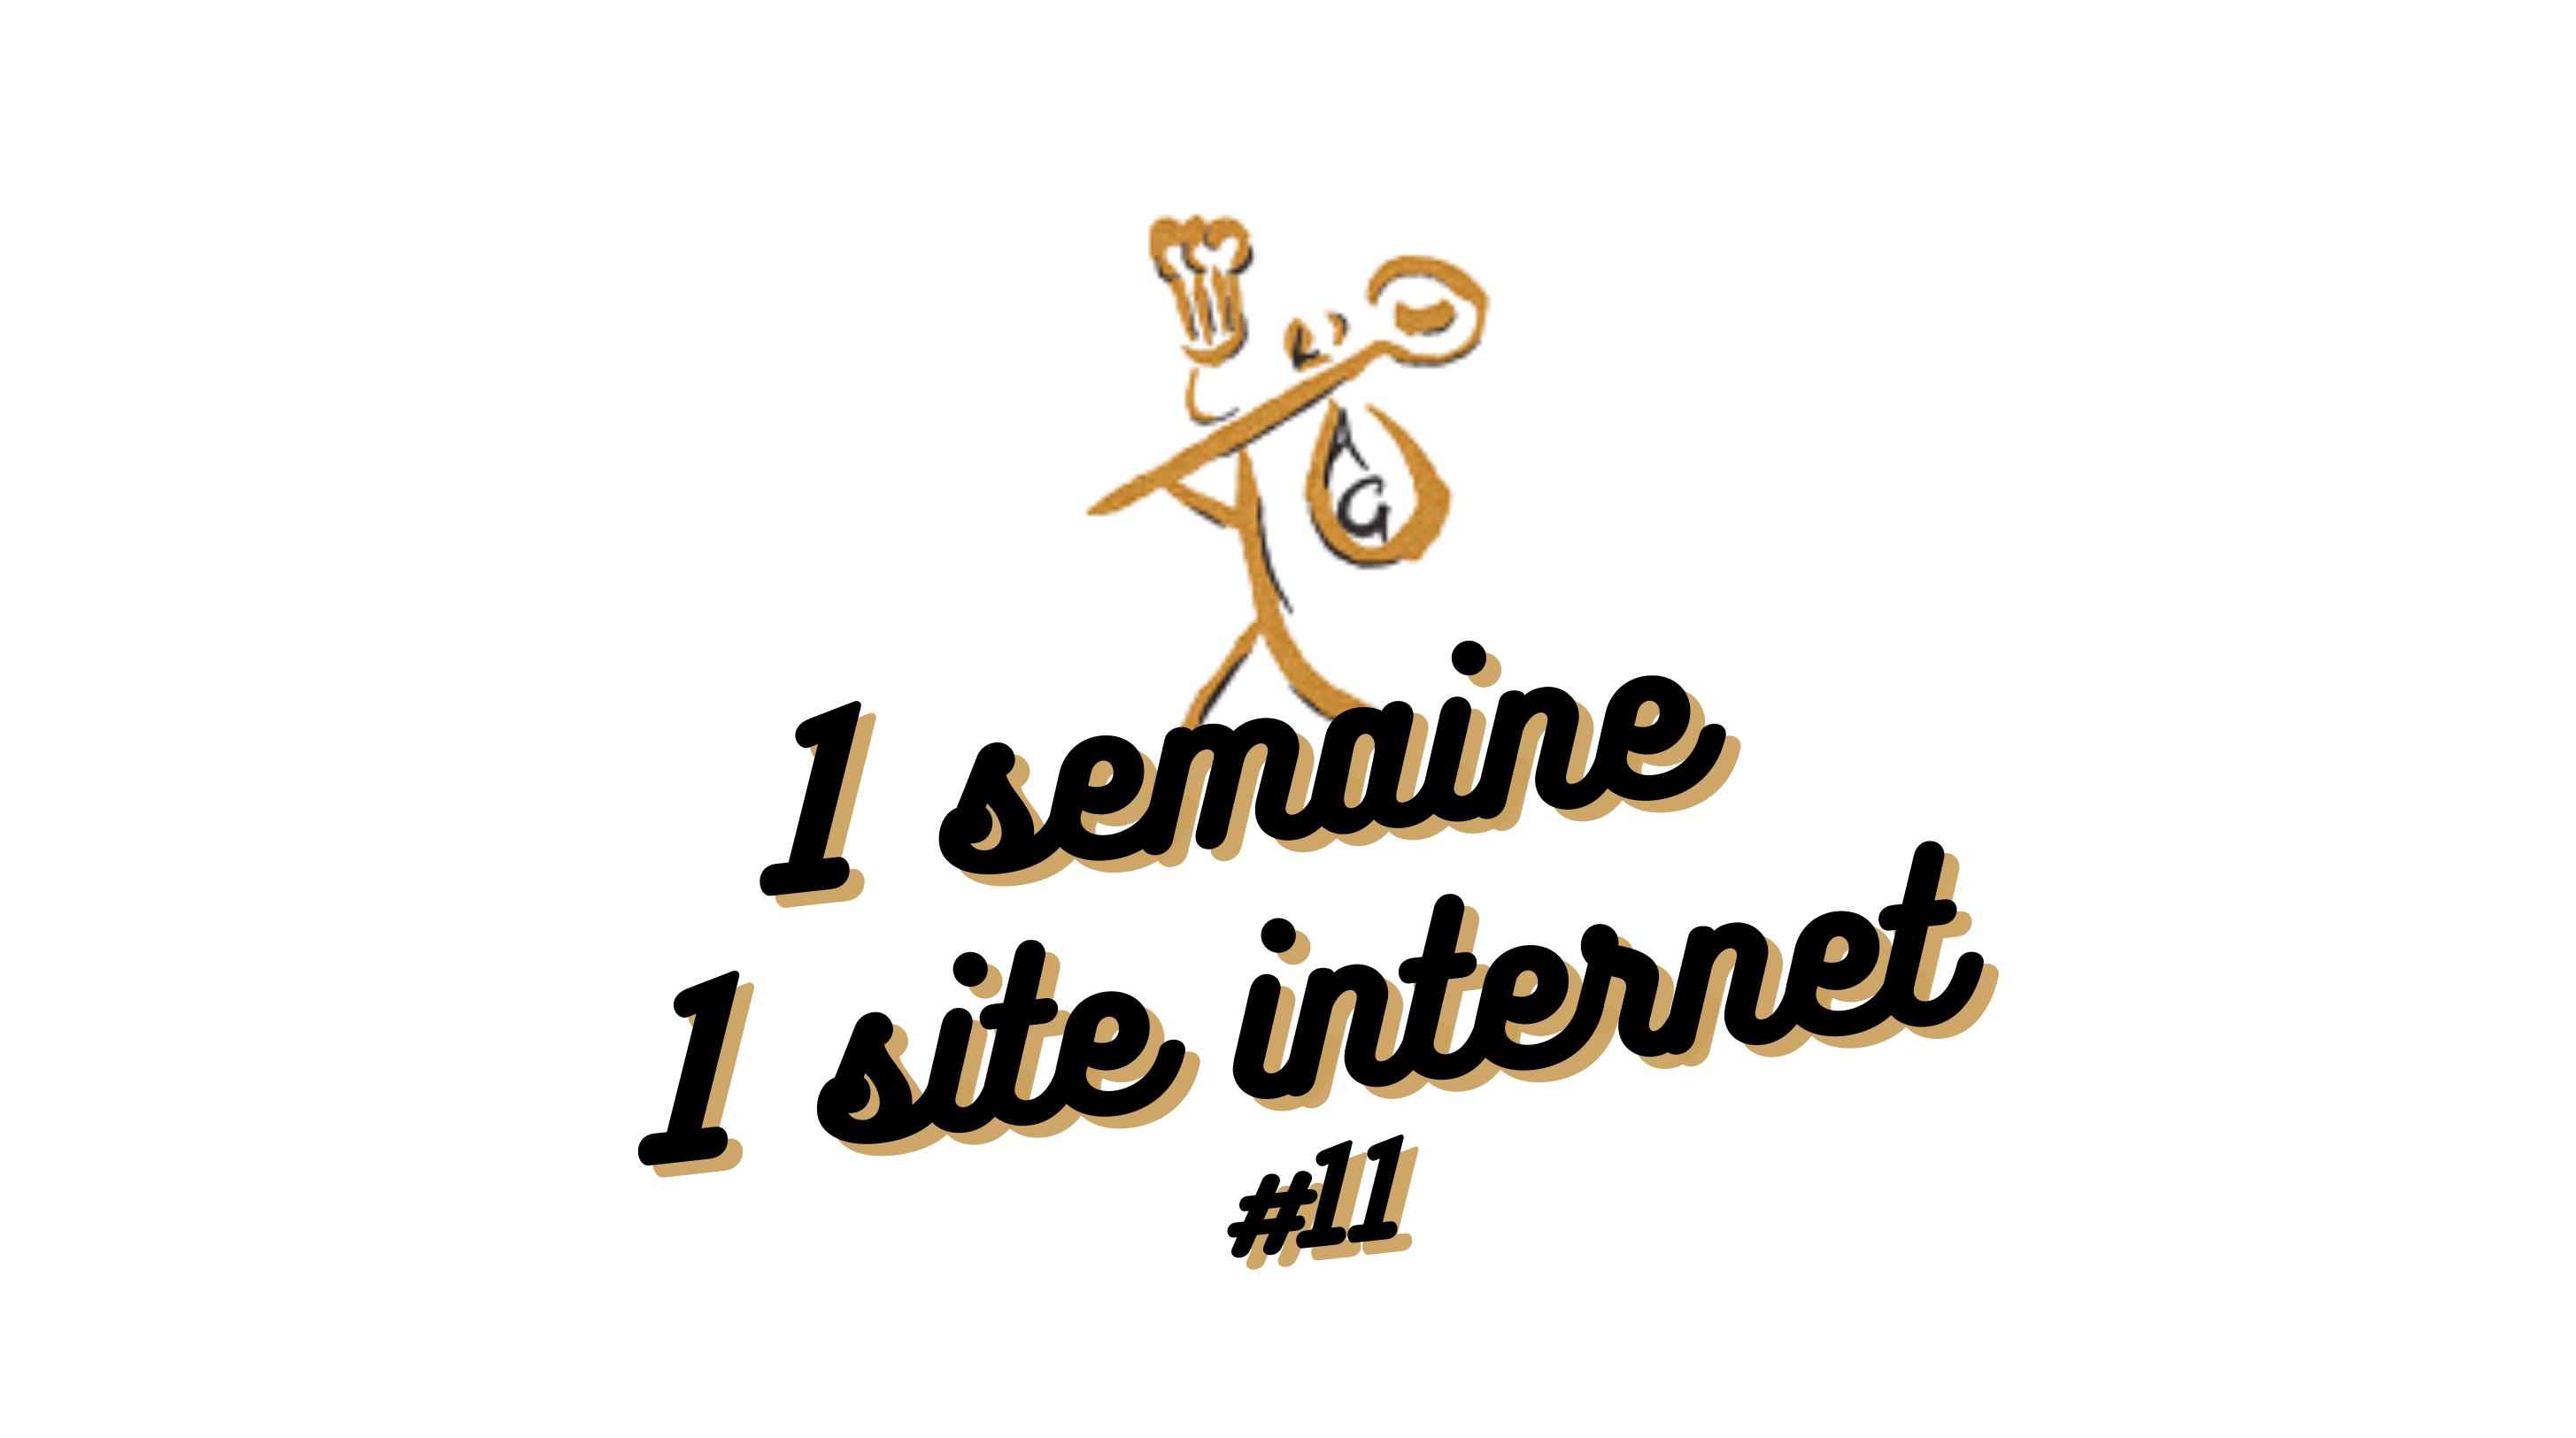 1 Semaine 1 Site internet #11